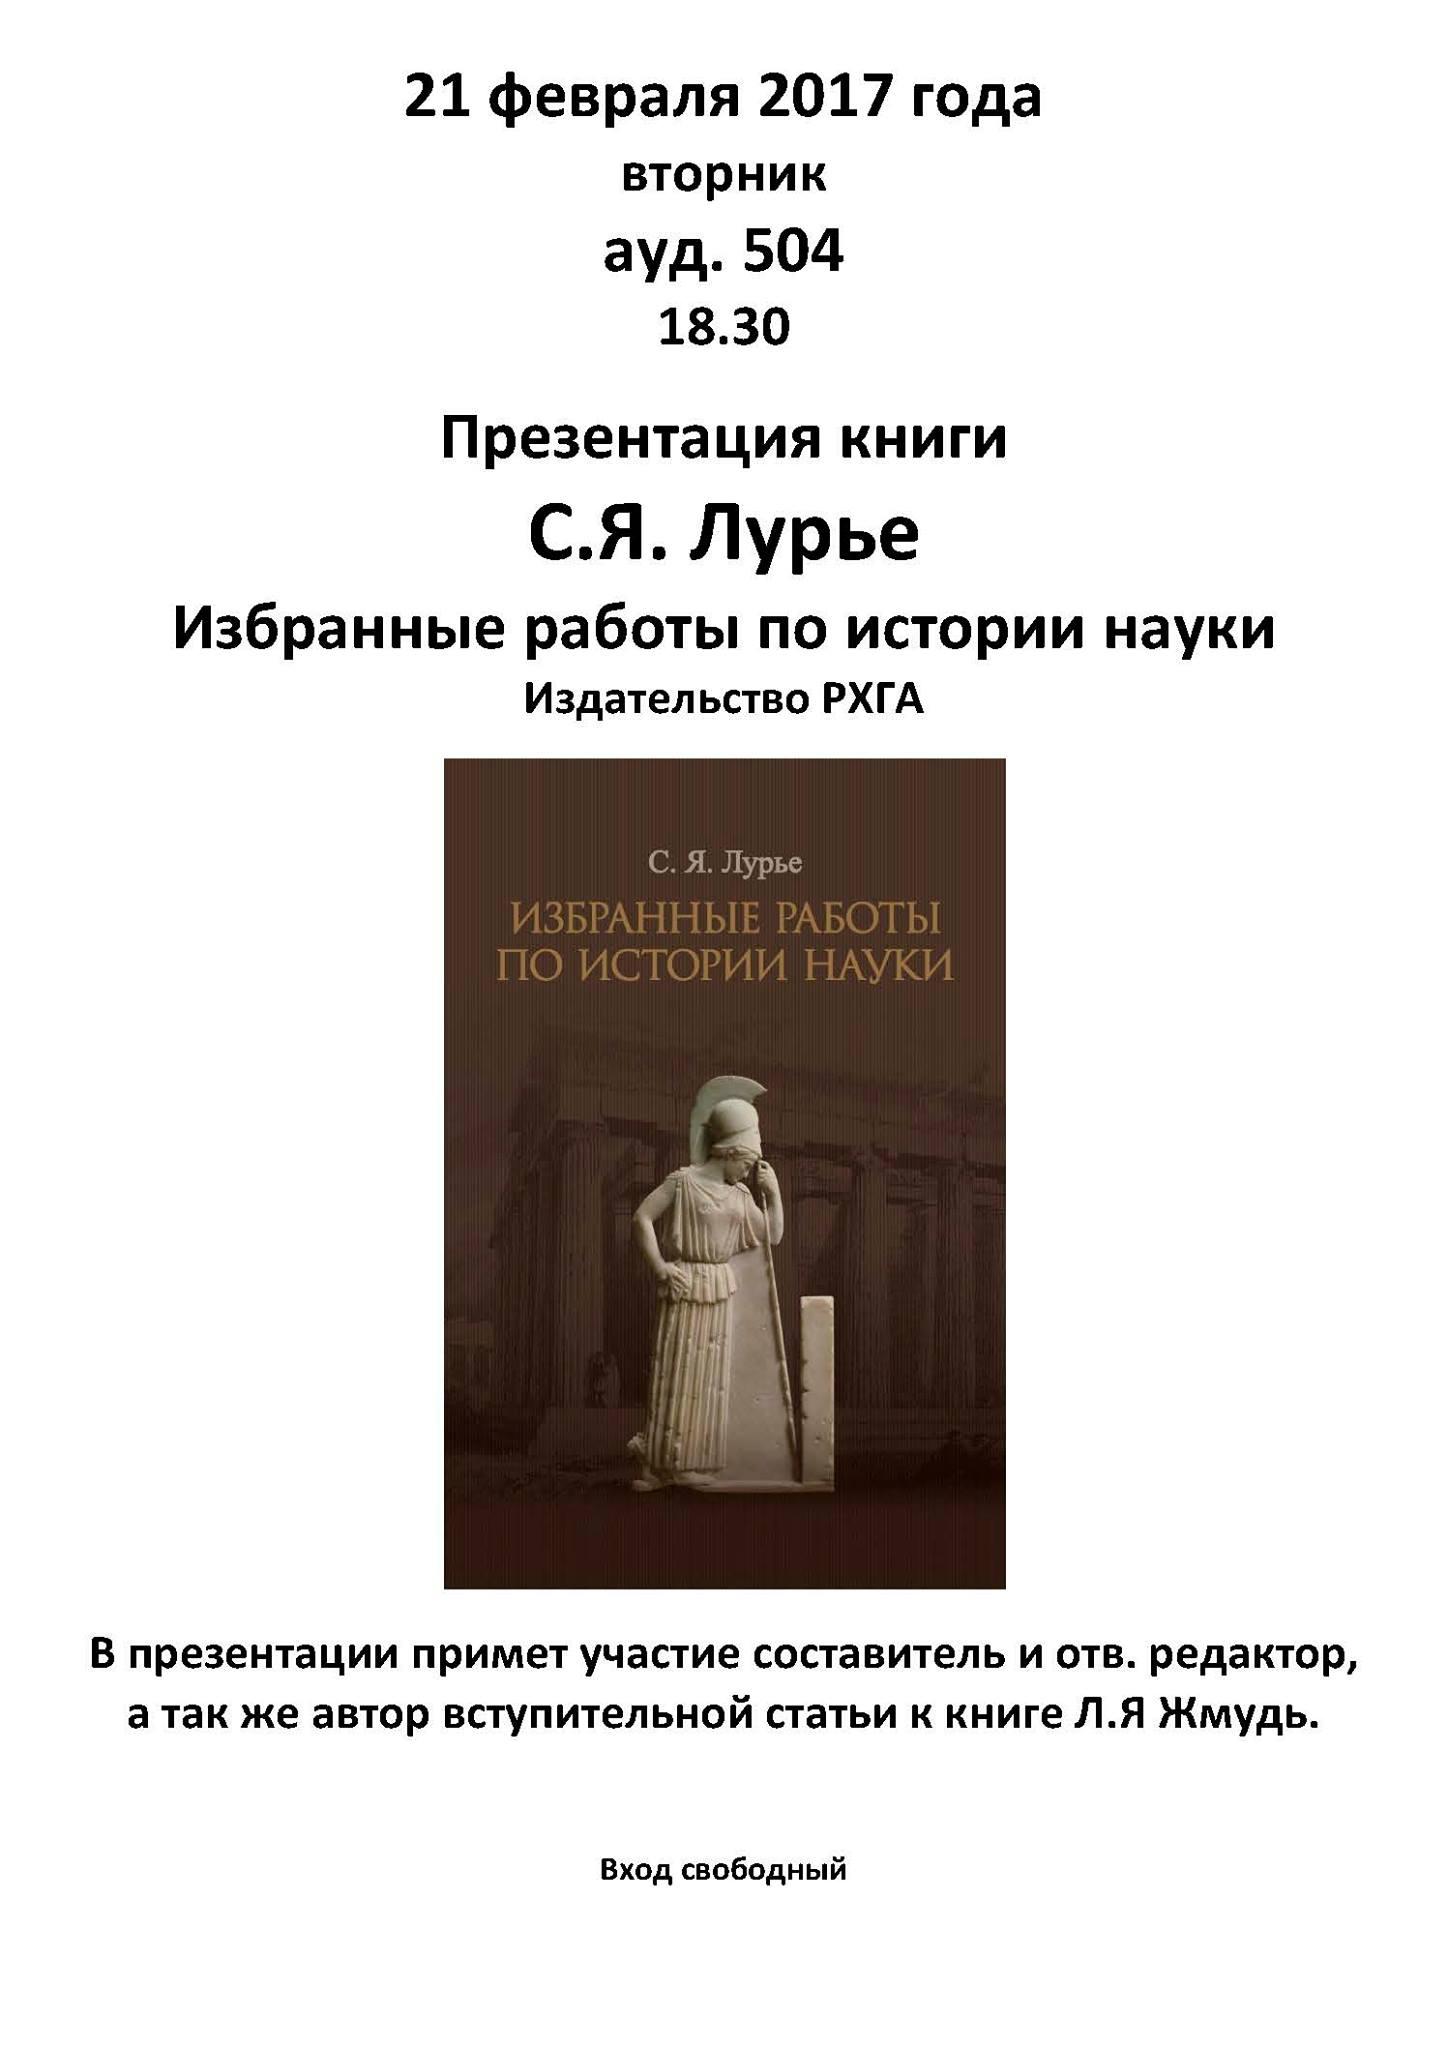 Презентация книги С.Я. Лурье Избранные работы по истории науки